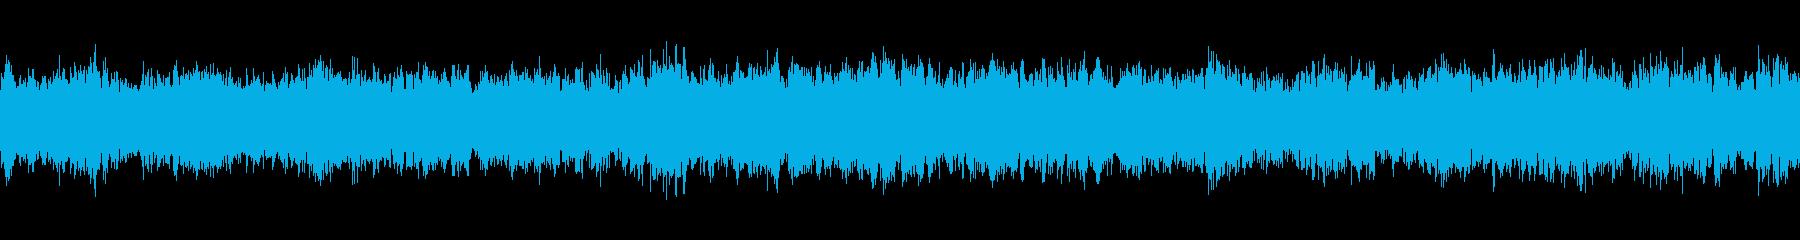 リラクゼーションの30秒ループの再生済みの波形